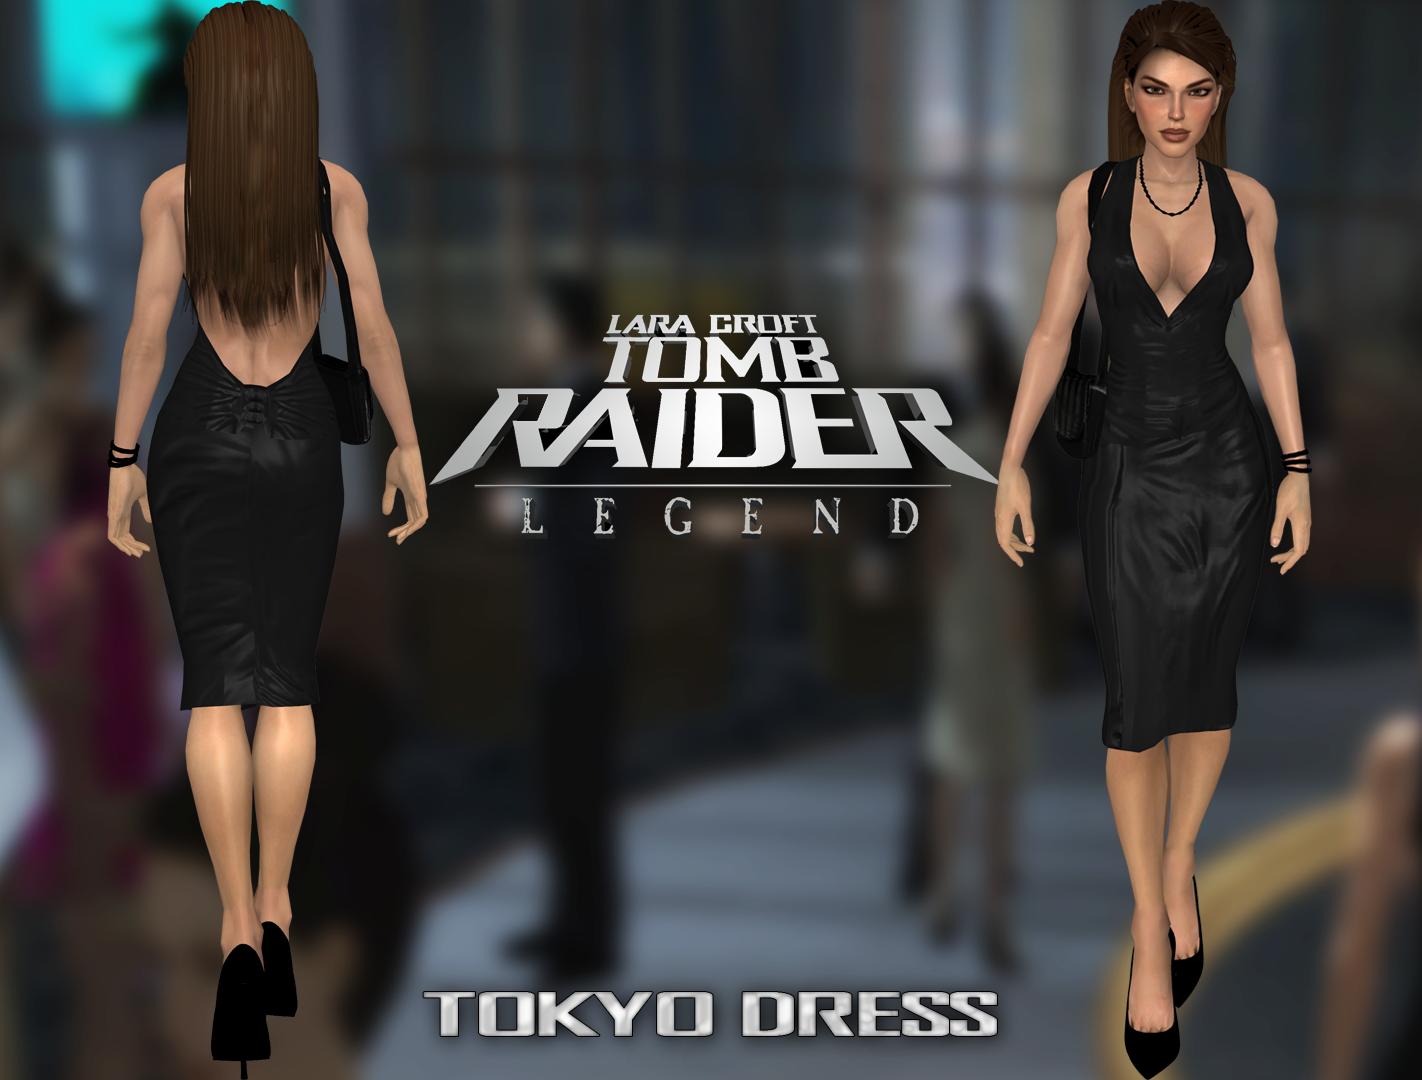 Tomb Raider Legend Tokyo Dress By Sean945 On Deviantart